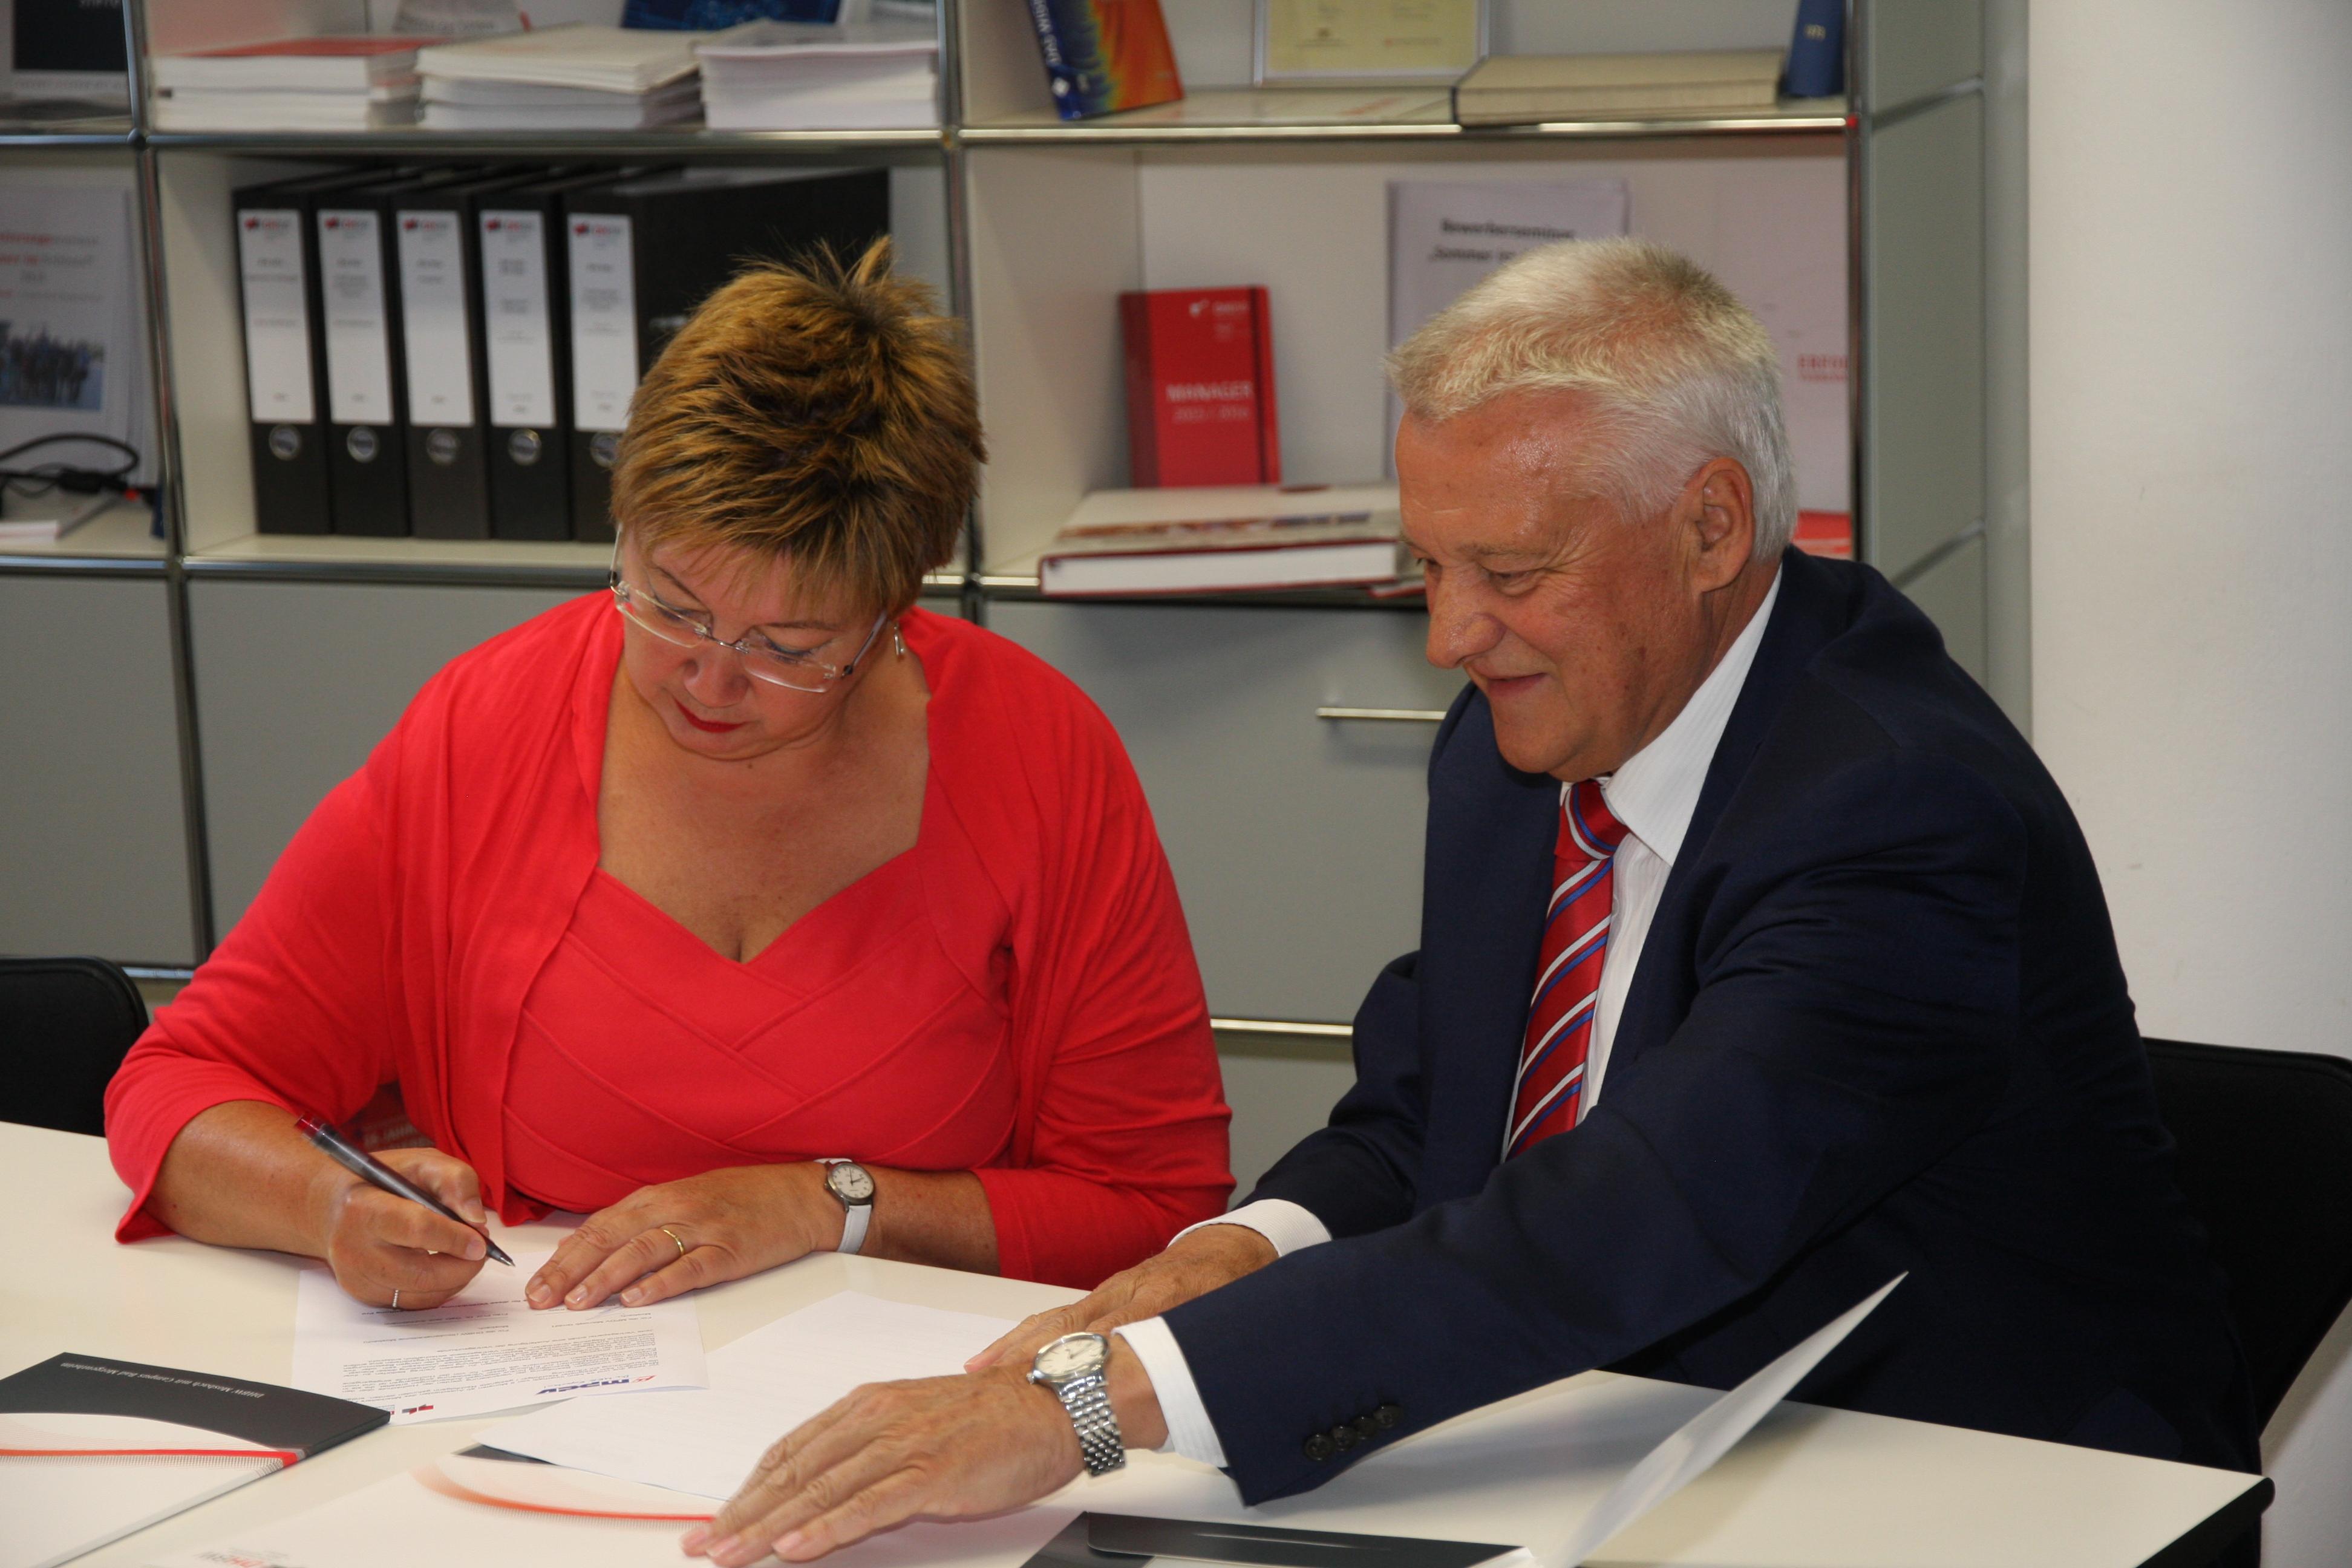 Geschäftsführer Jürgen Kletti und Rektorin Gabi Jeck-Schlottmann unterzeichnen den Vertrag